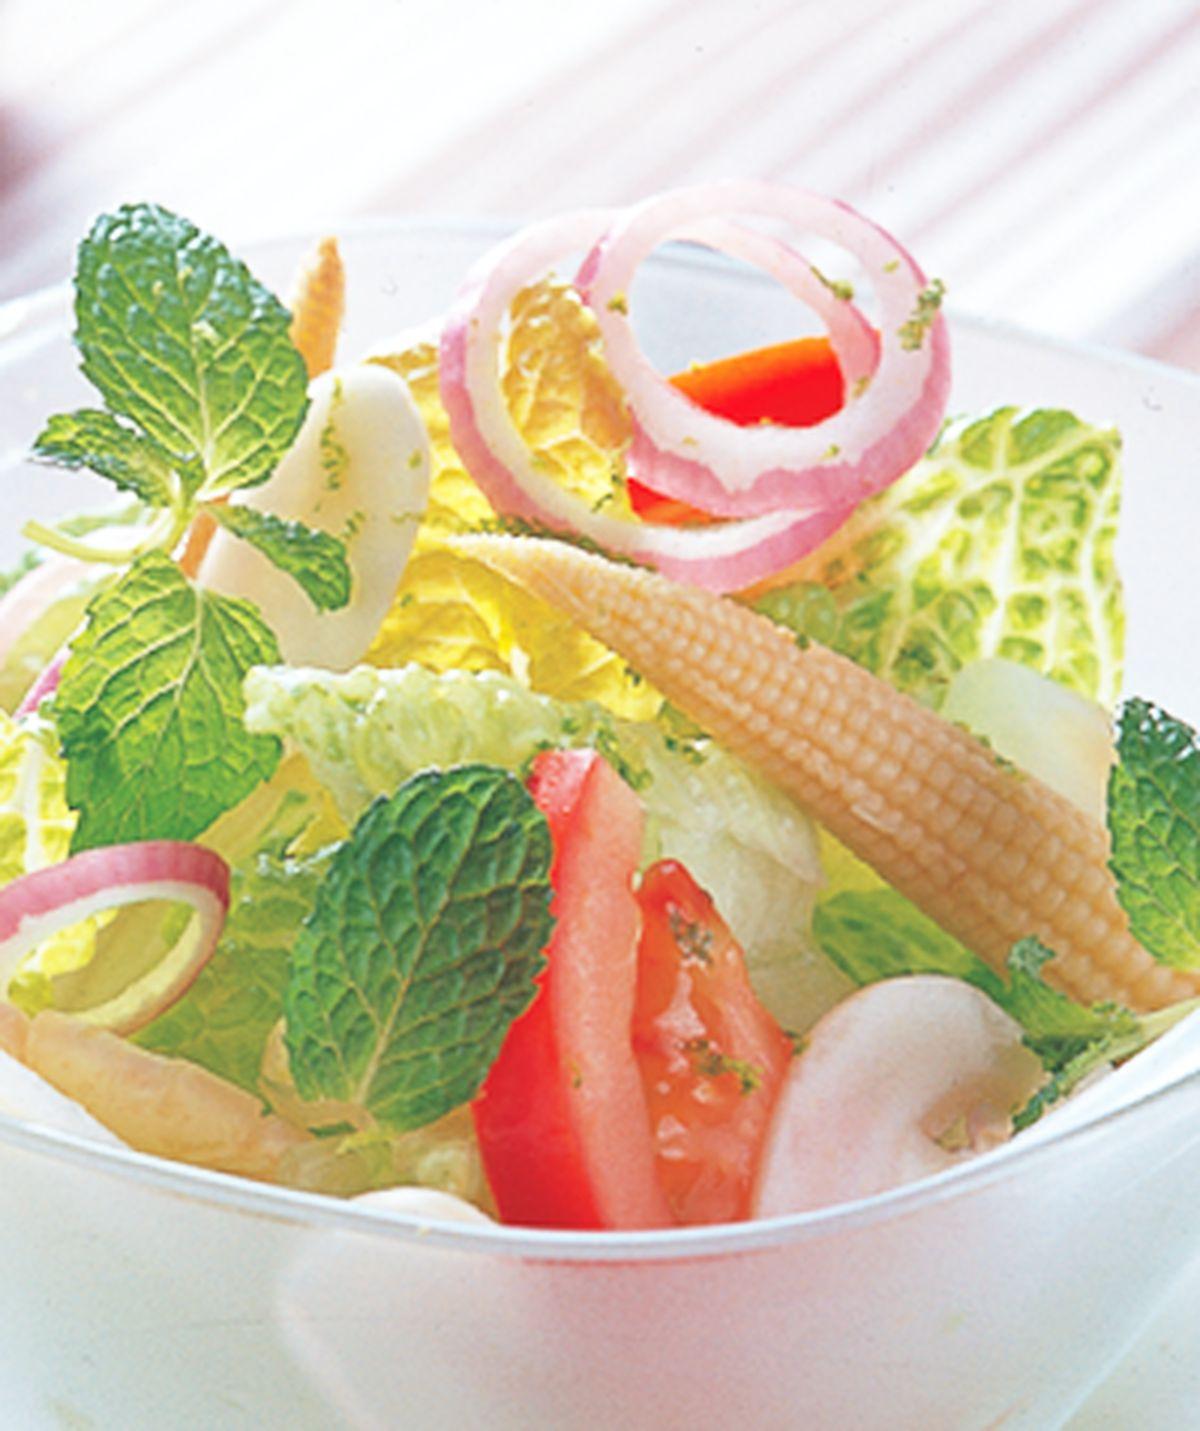 食譜:鮮蔬沙拉